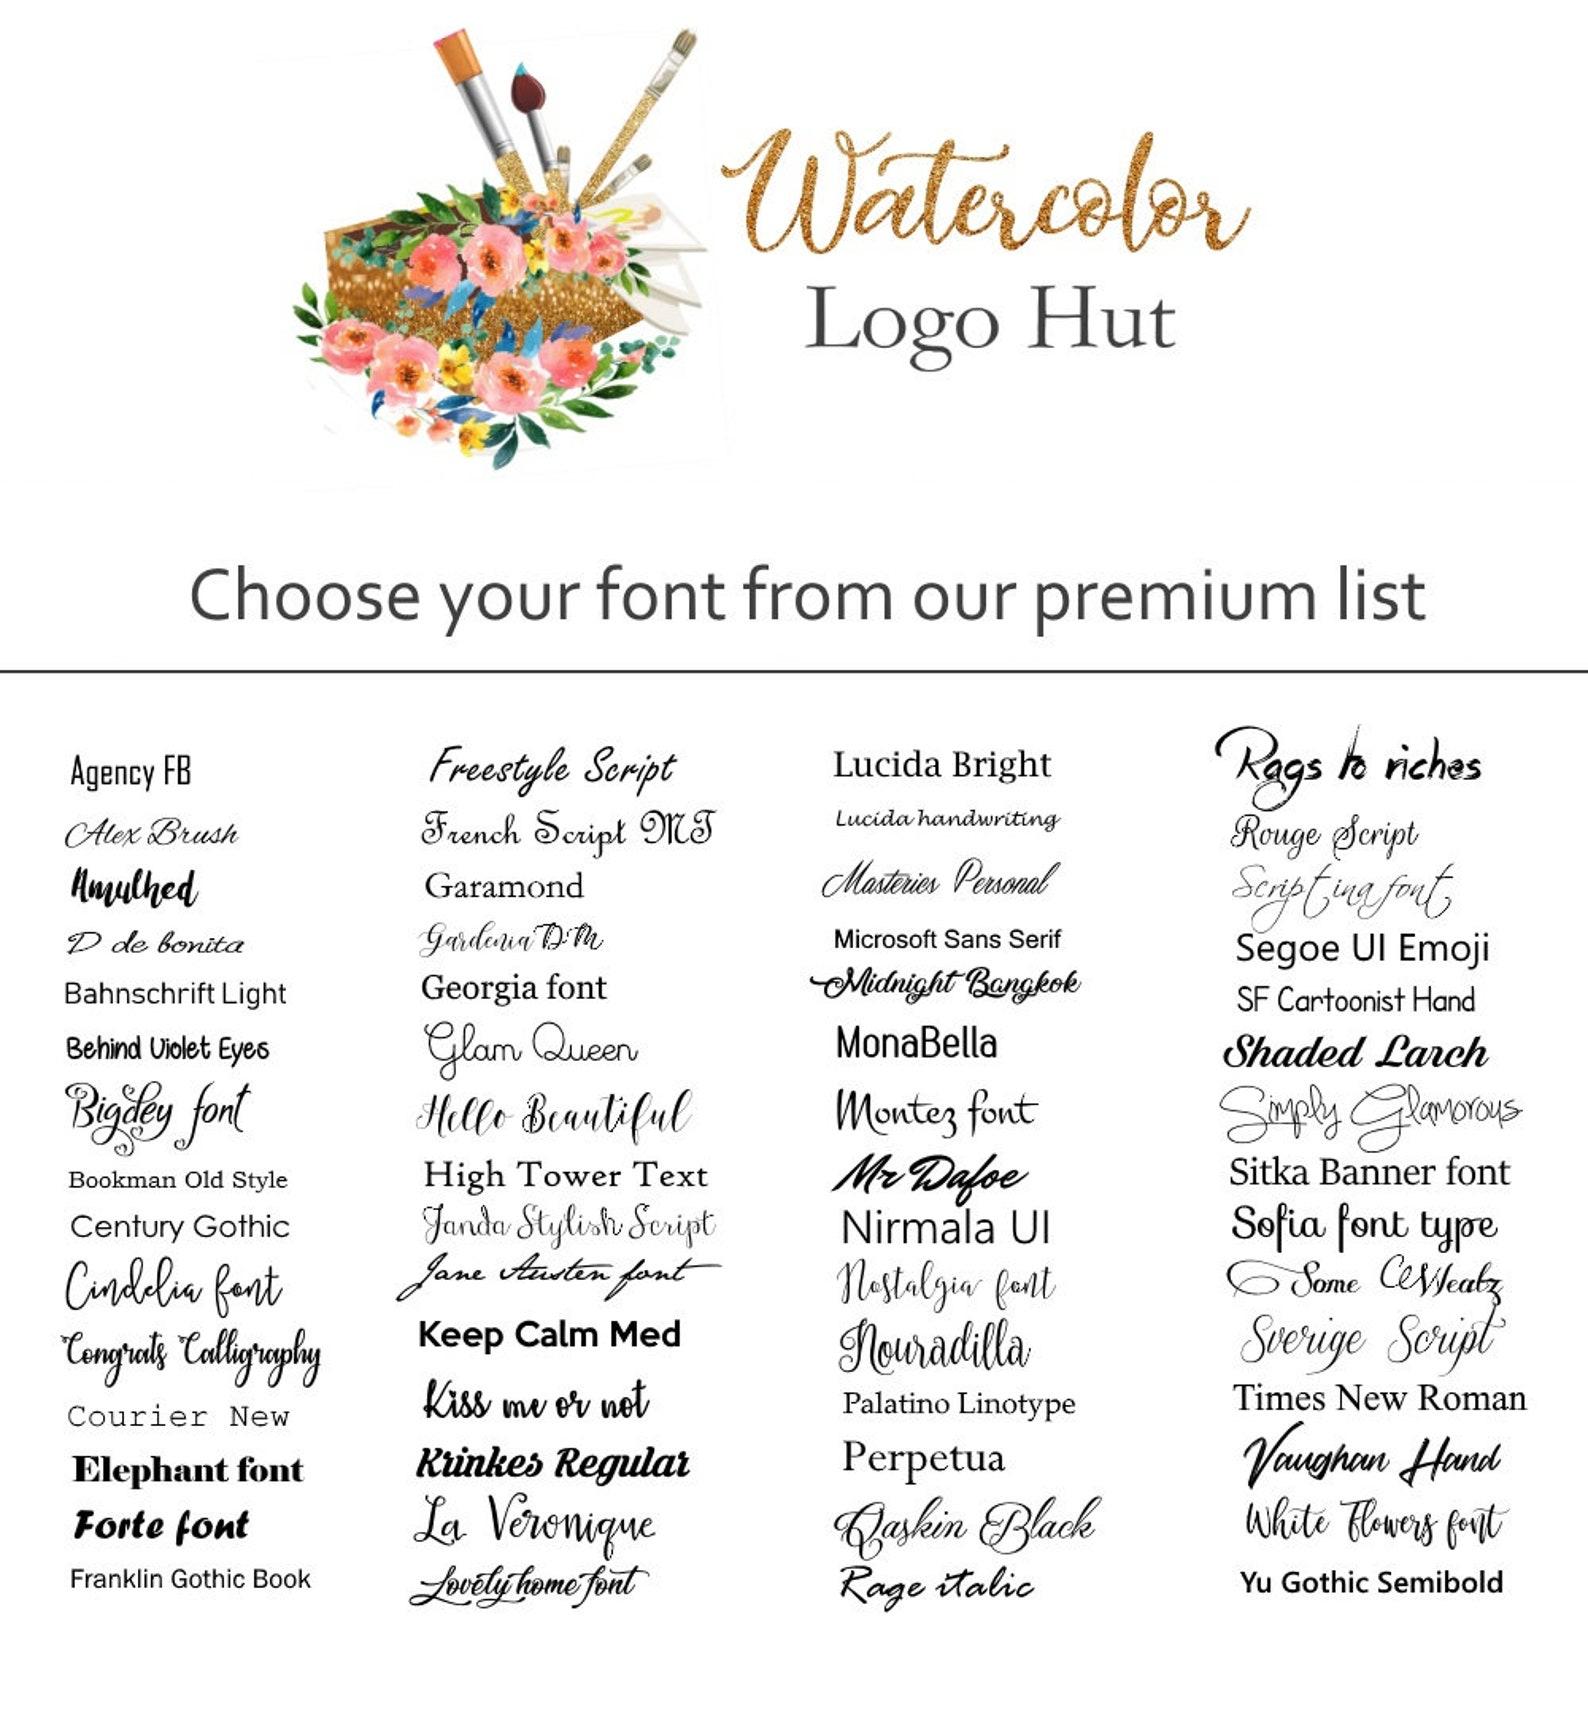 ballet logo, ballerina logo, ballet shoes, cursive logo, calligraphy logo, text logo, icon logo, ooak logo, black logo, black go